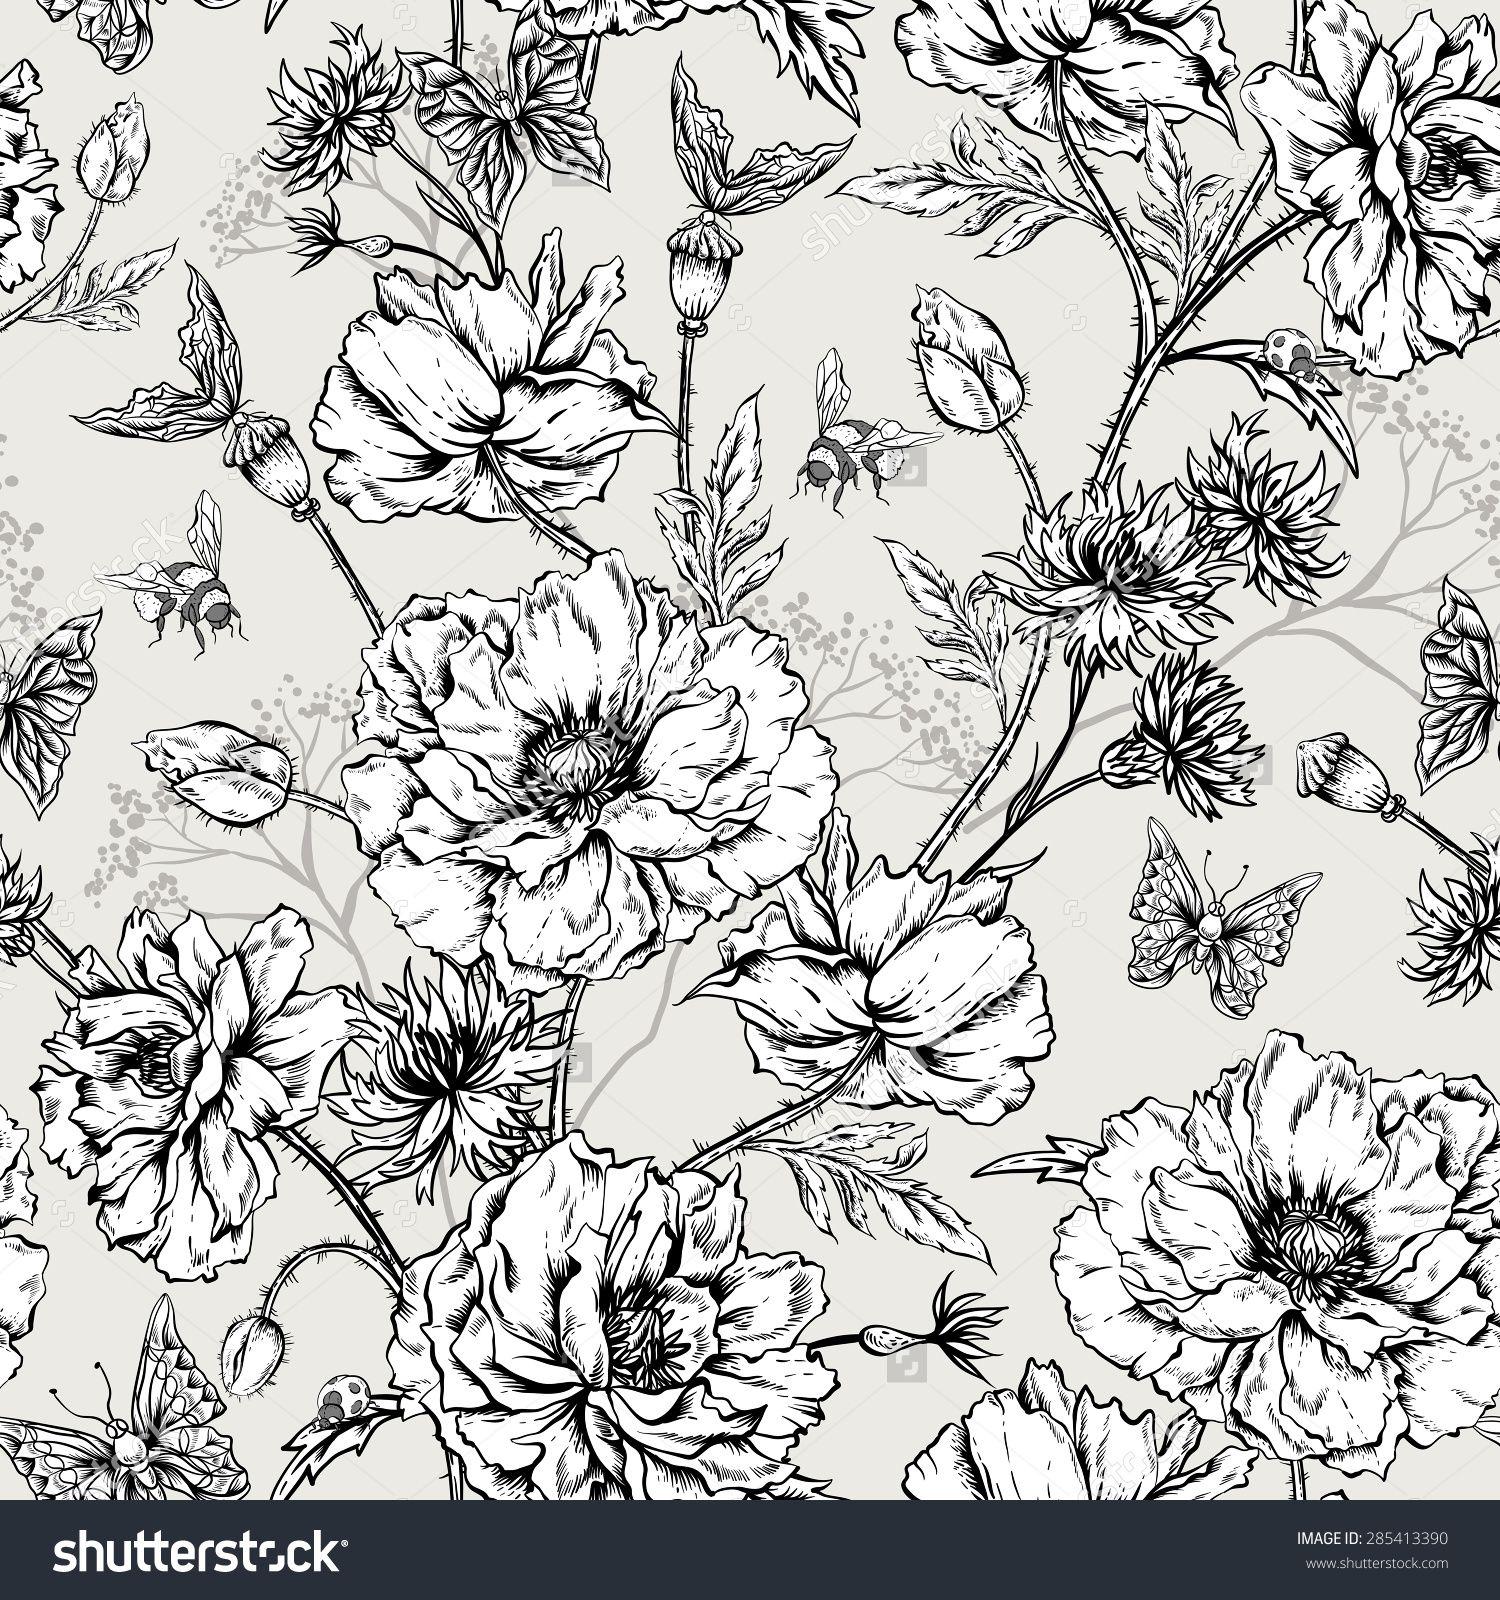 Stock Vector Summer Monochrome Vintage Floral Seamless Pattern With Blooming Poppies Cornflowers Ladybird 28541339 Bloemen Tekenen Kleurboek Botanische Prenten